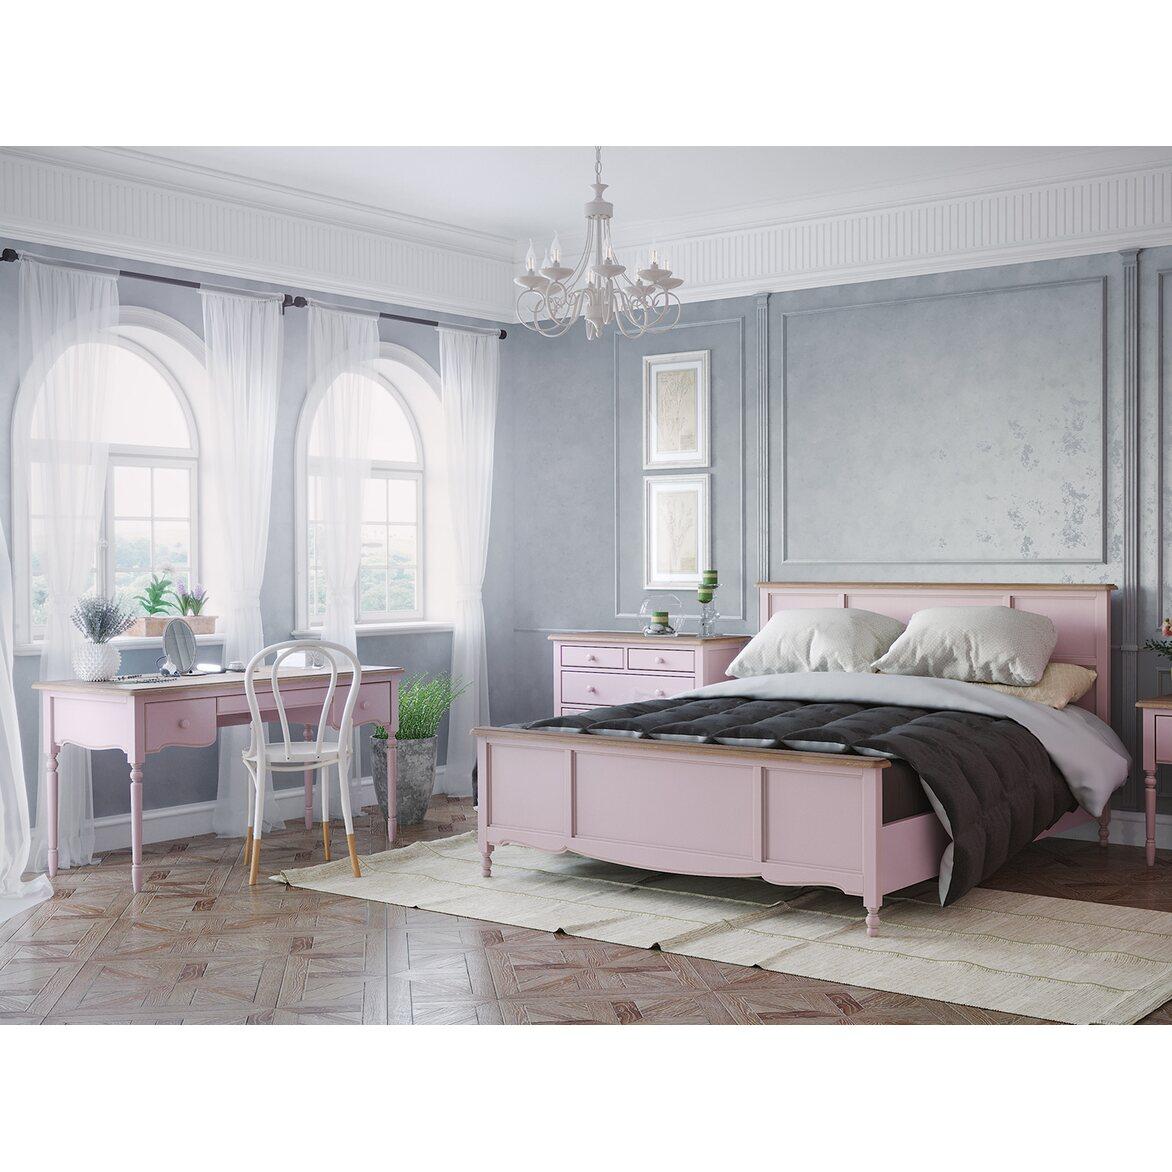 Кровать Leblanc лаванда, с изножьем 4 | Двуспальные кровати Kingsby